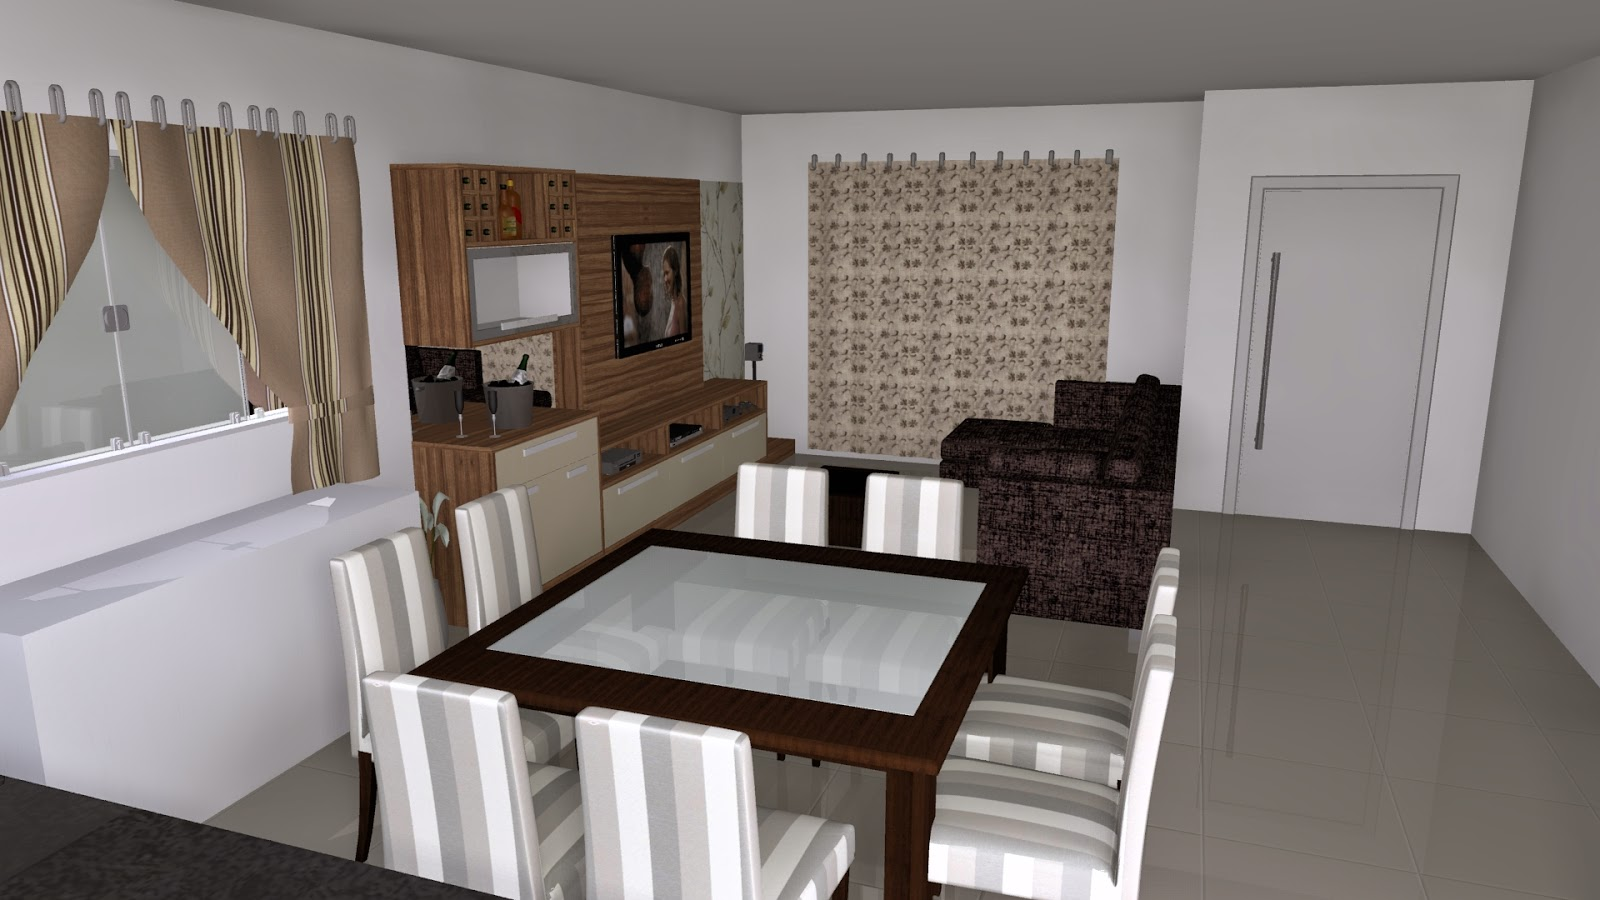 #30241C Casadíssima: Projetos sala de estar e jantar 1600x900 px Projeto Cozinha Sala De Jantar_4381 Imagens